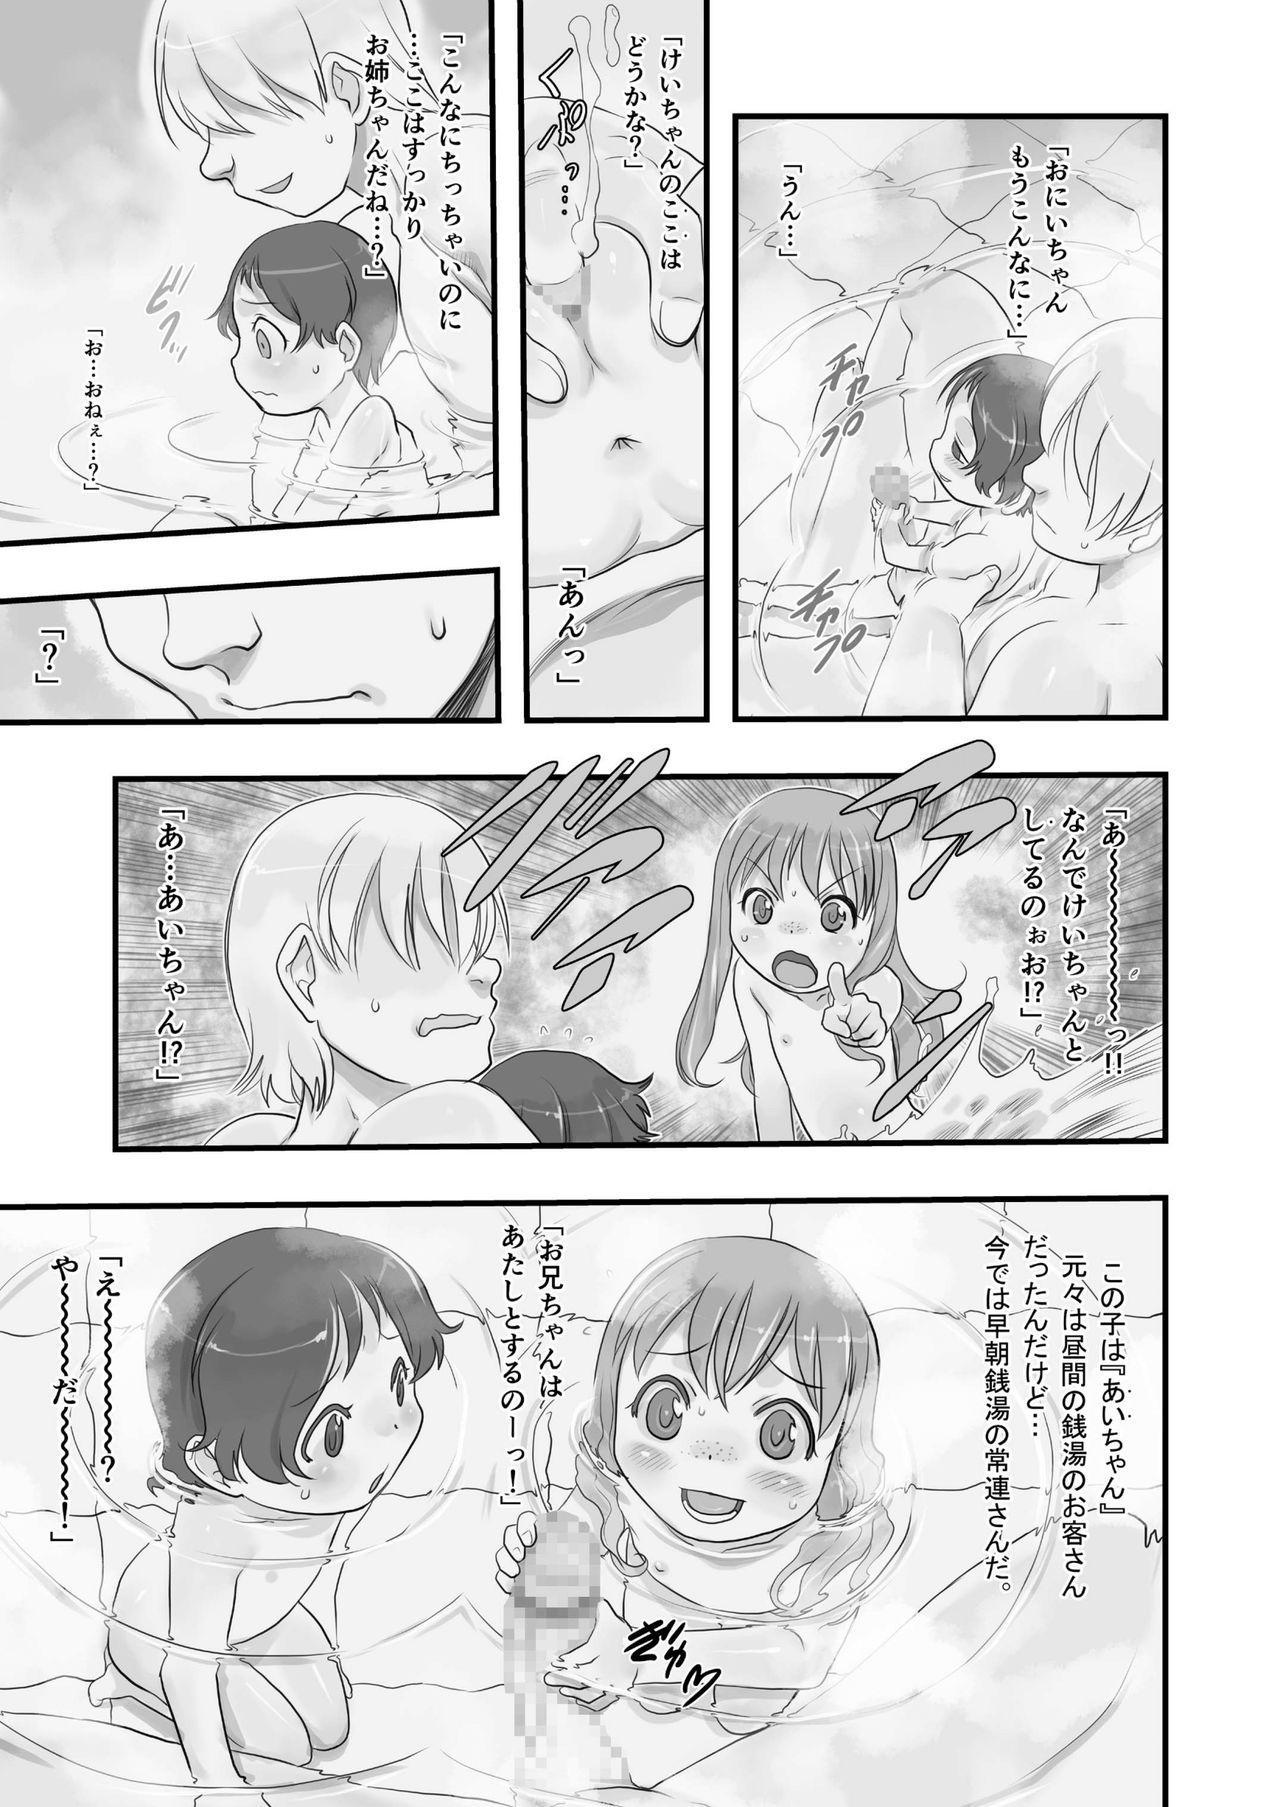 Ichiban Sentou 6